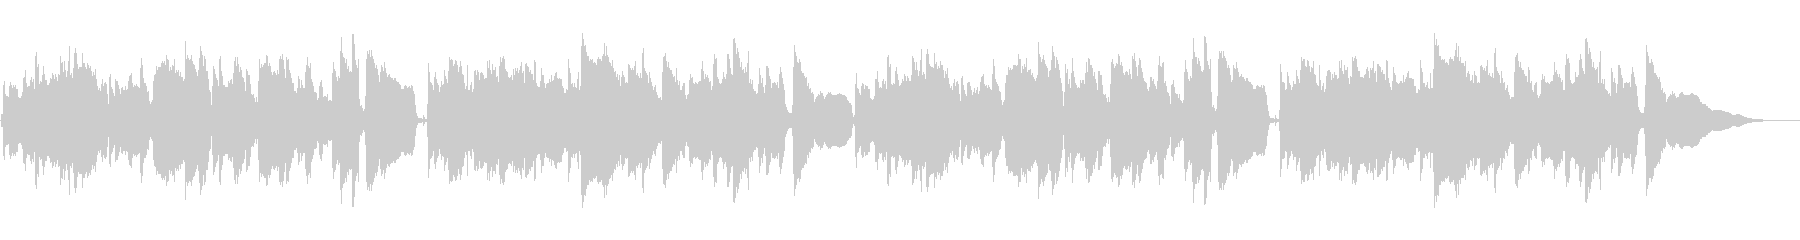 ほのぼのとした雰囲気のアコギソロの未再生の波形